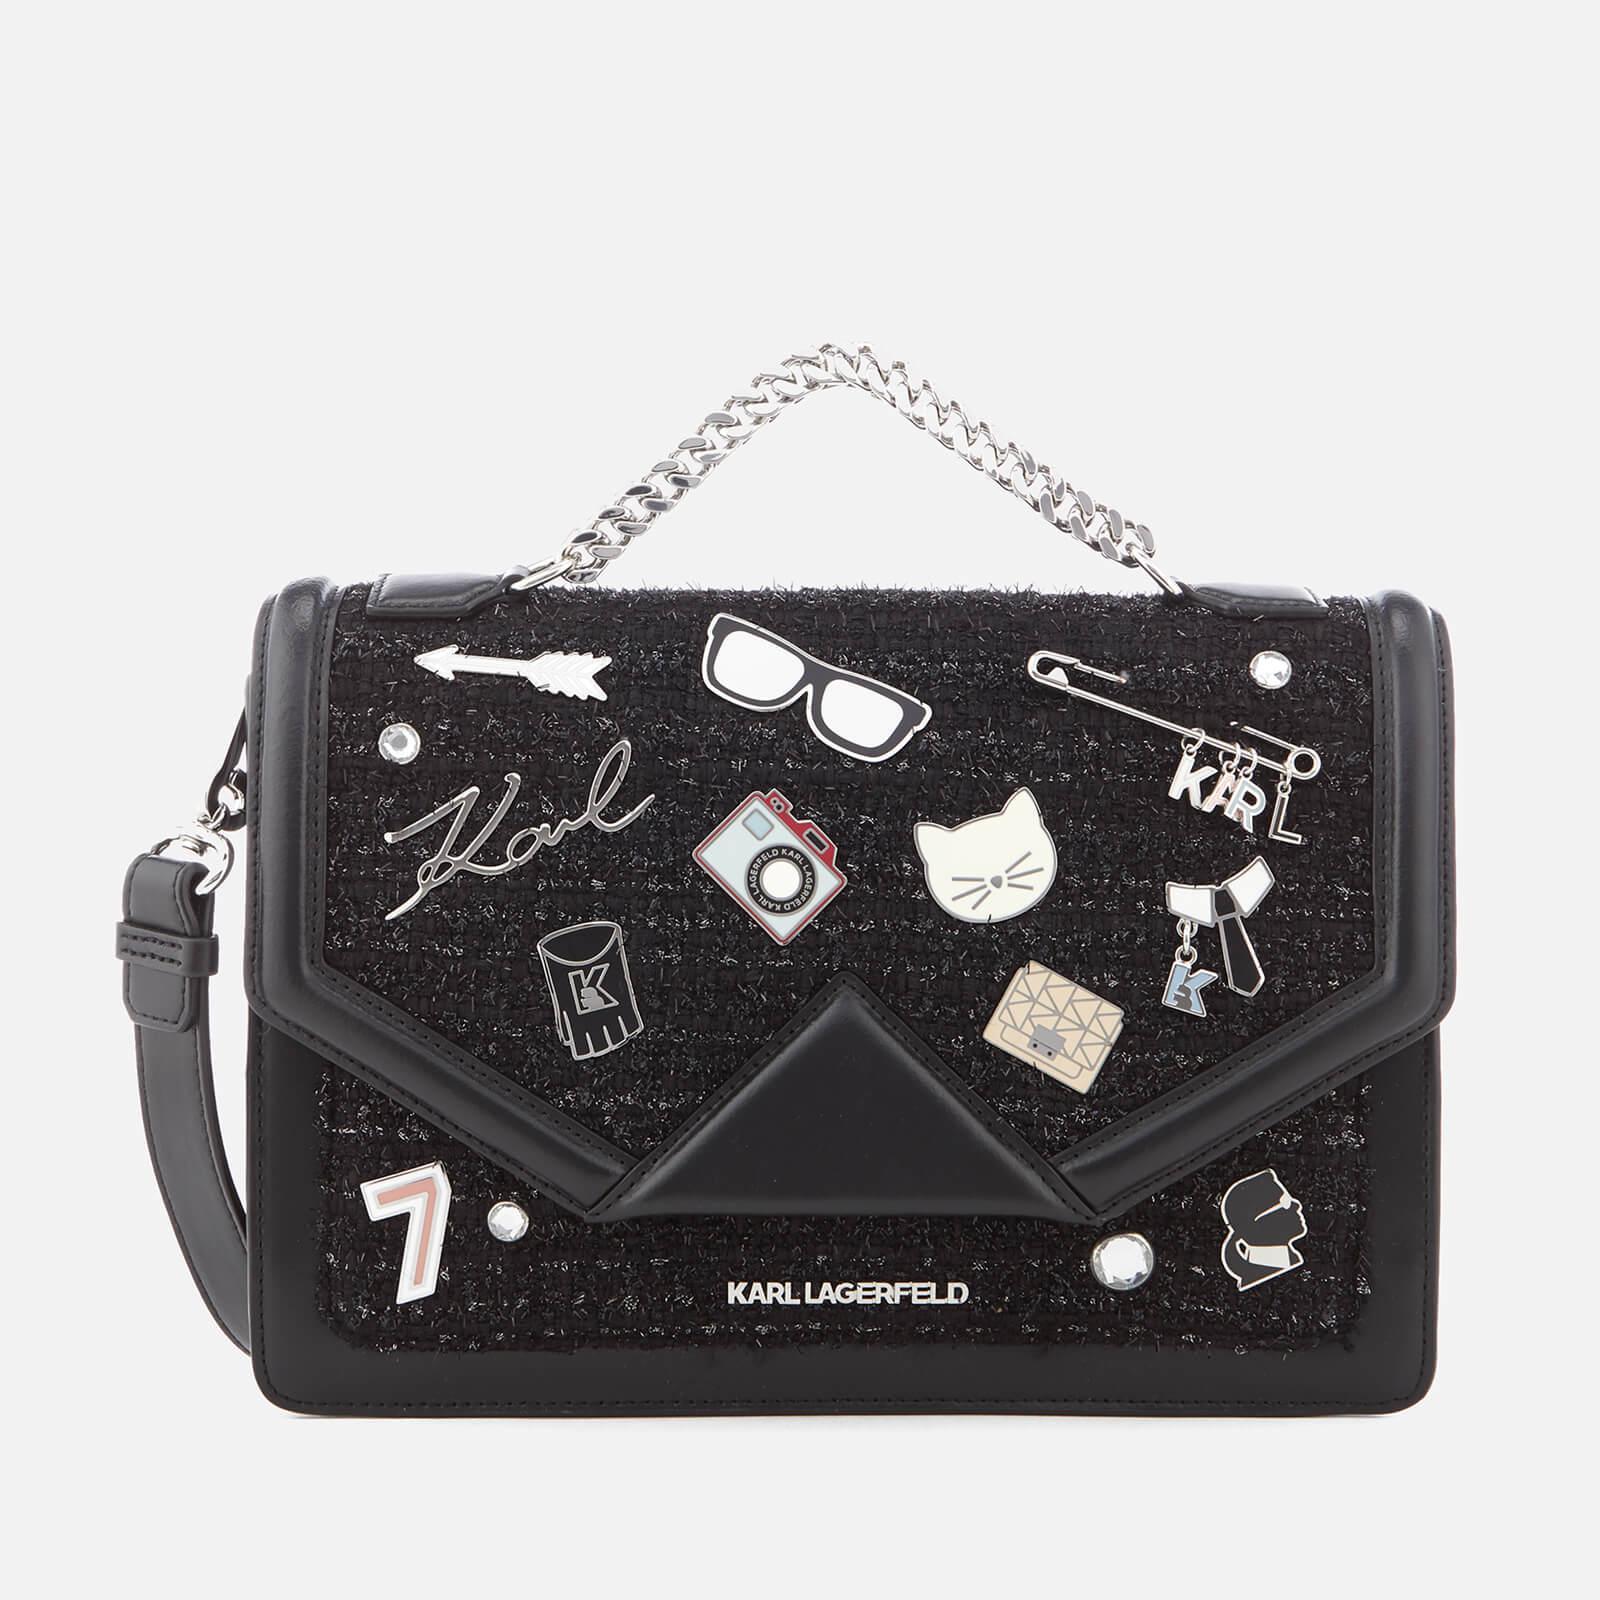 Klassik Pins clutch - Black Karl Lagerfeld I35ZQmiDl